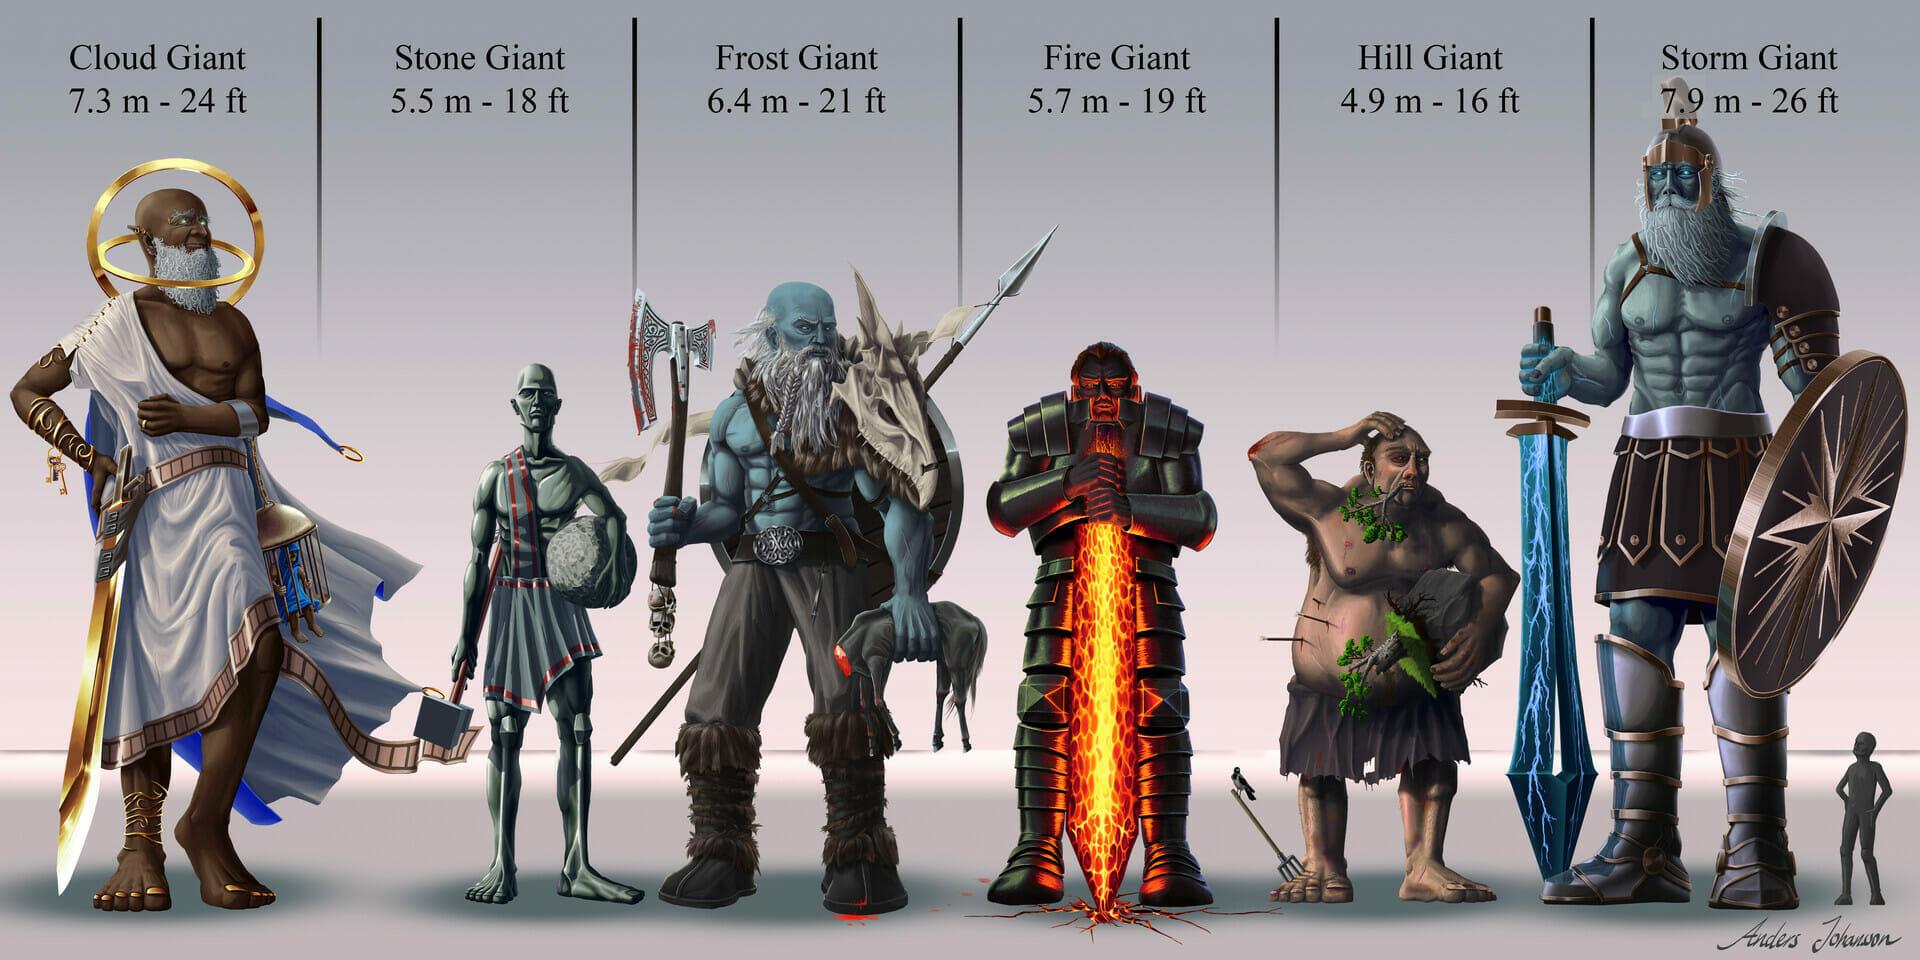 D&D giants size comparison